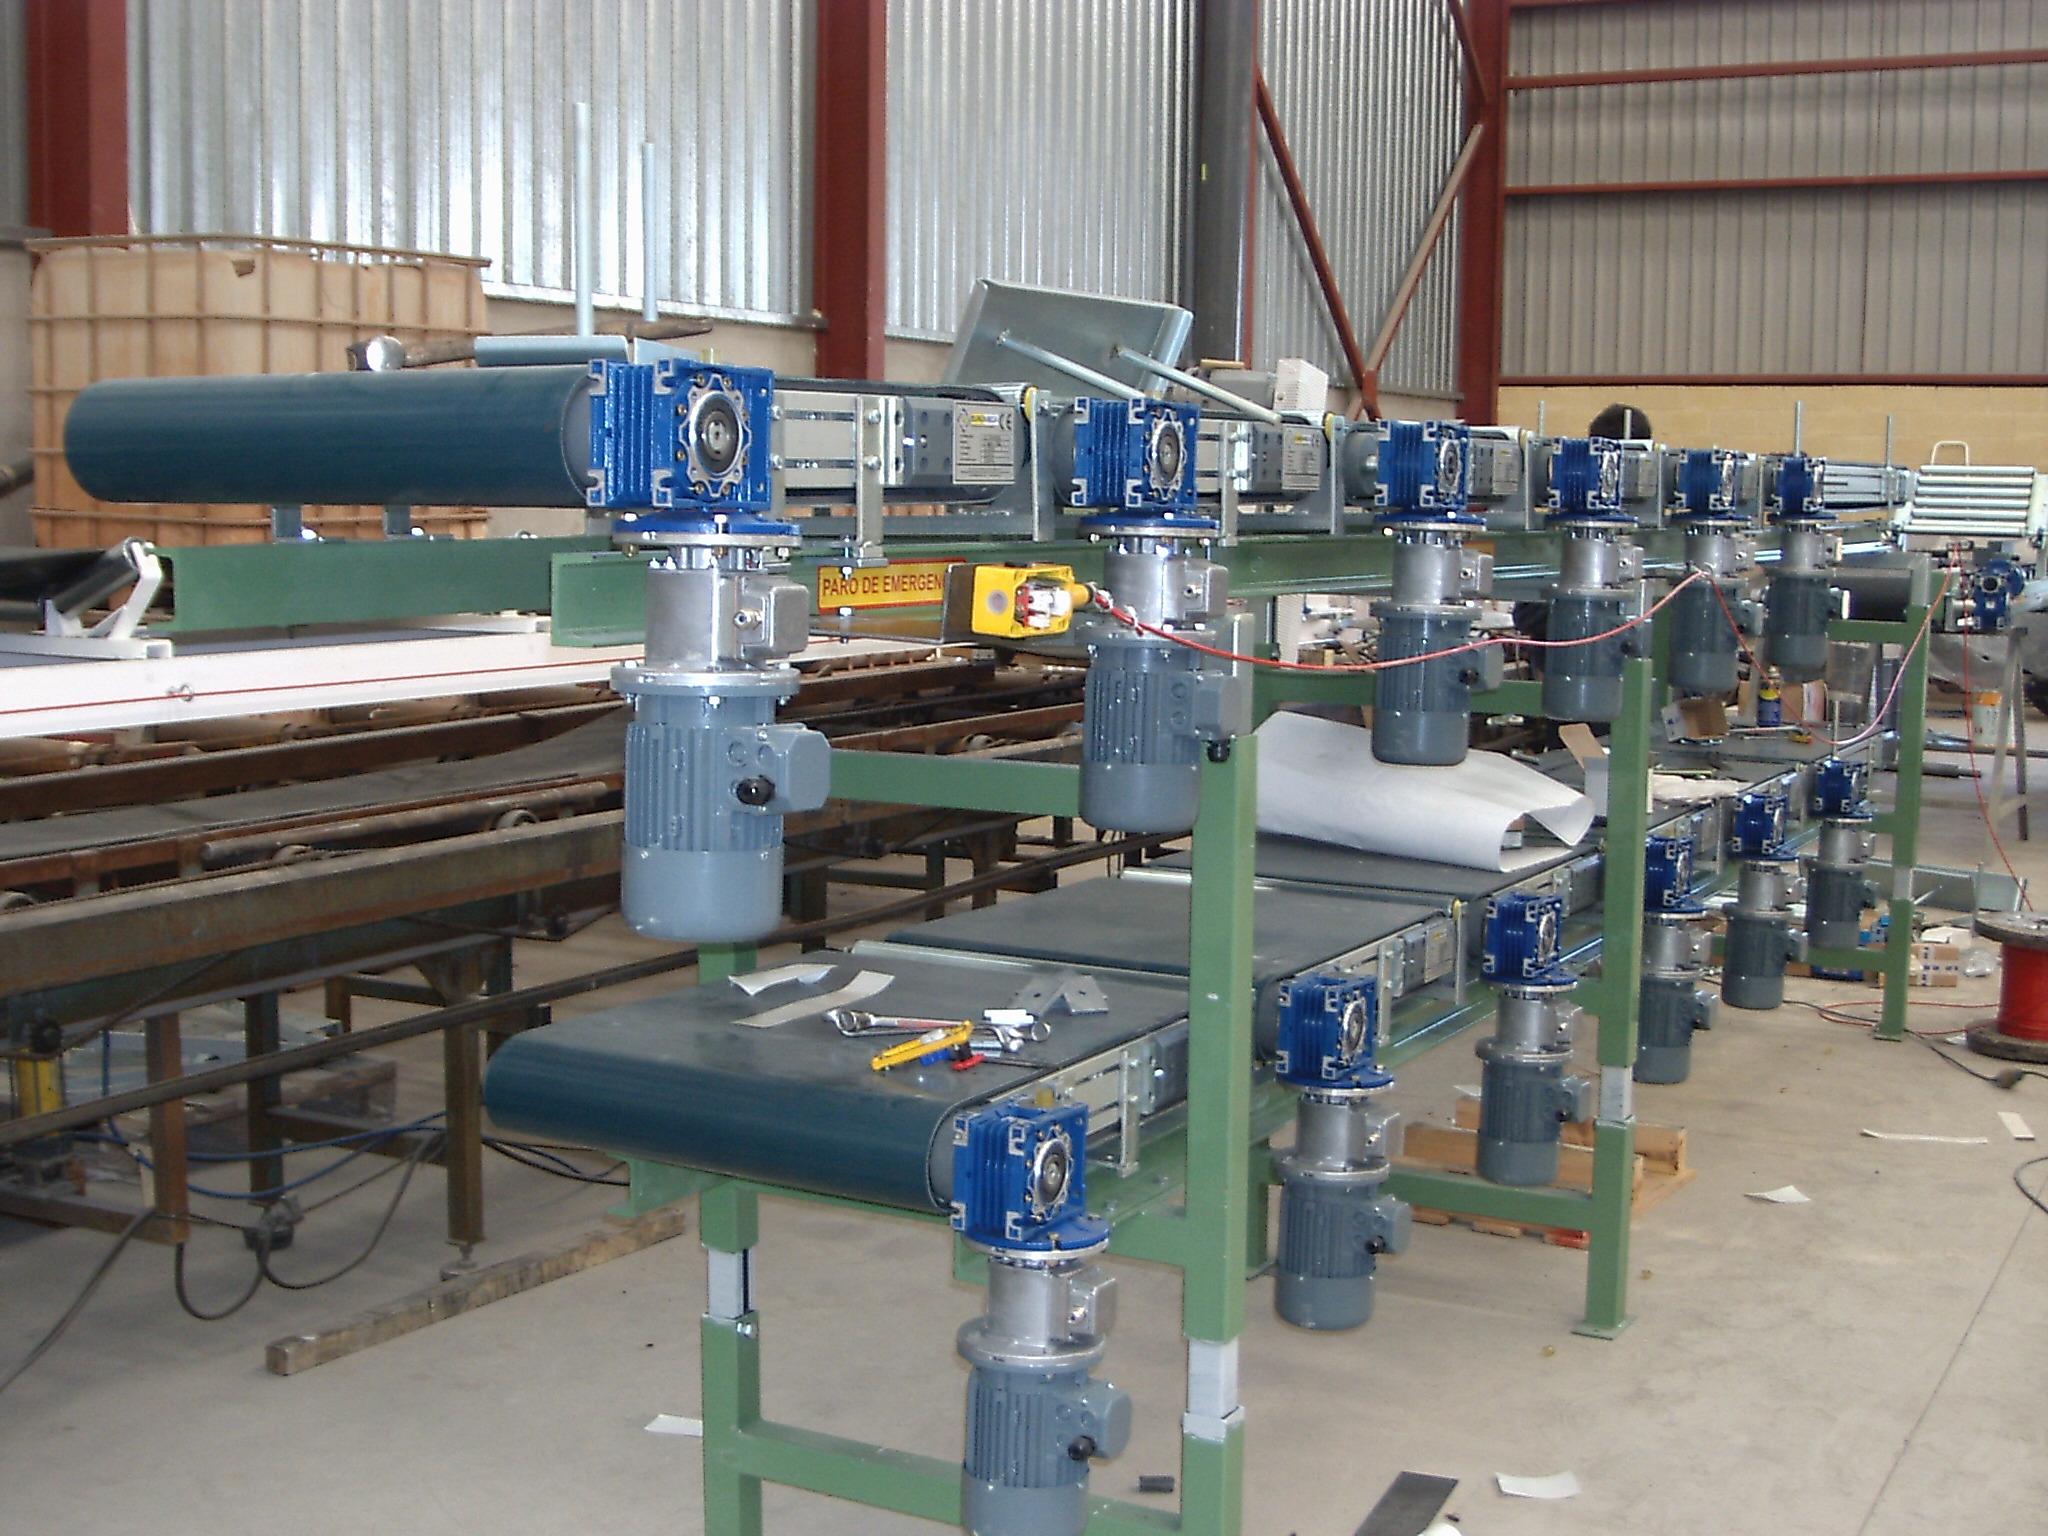 Aplicaciones industriales 3 - Euromeca